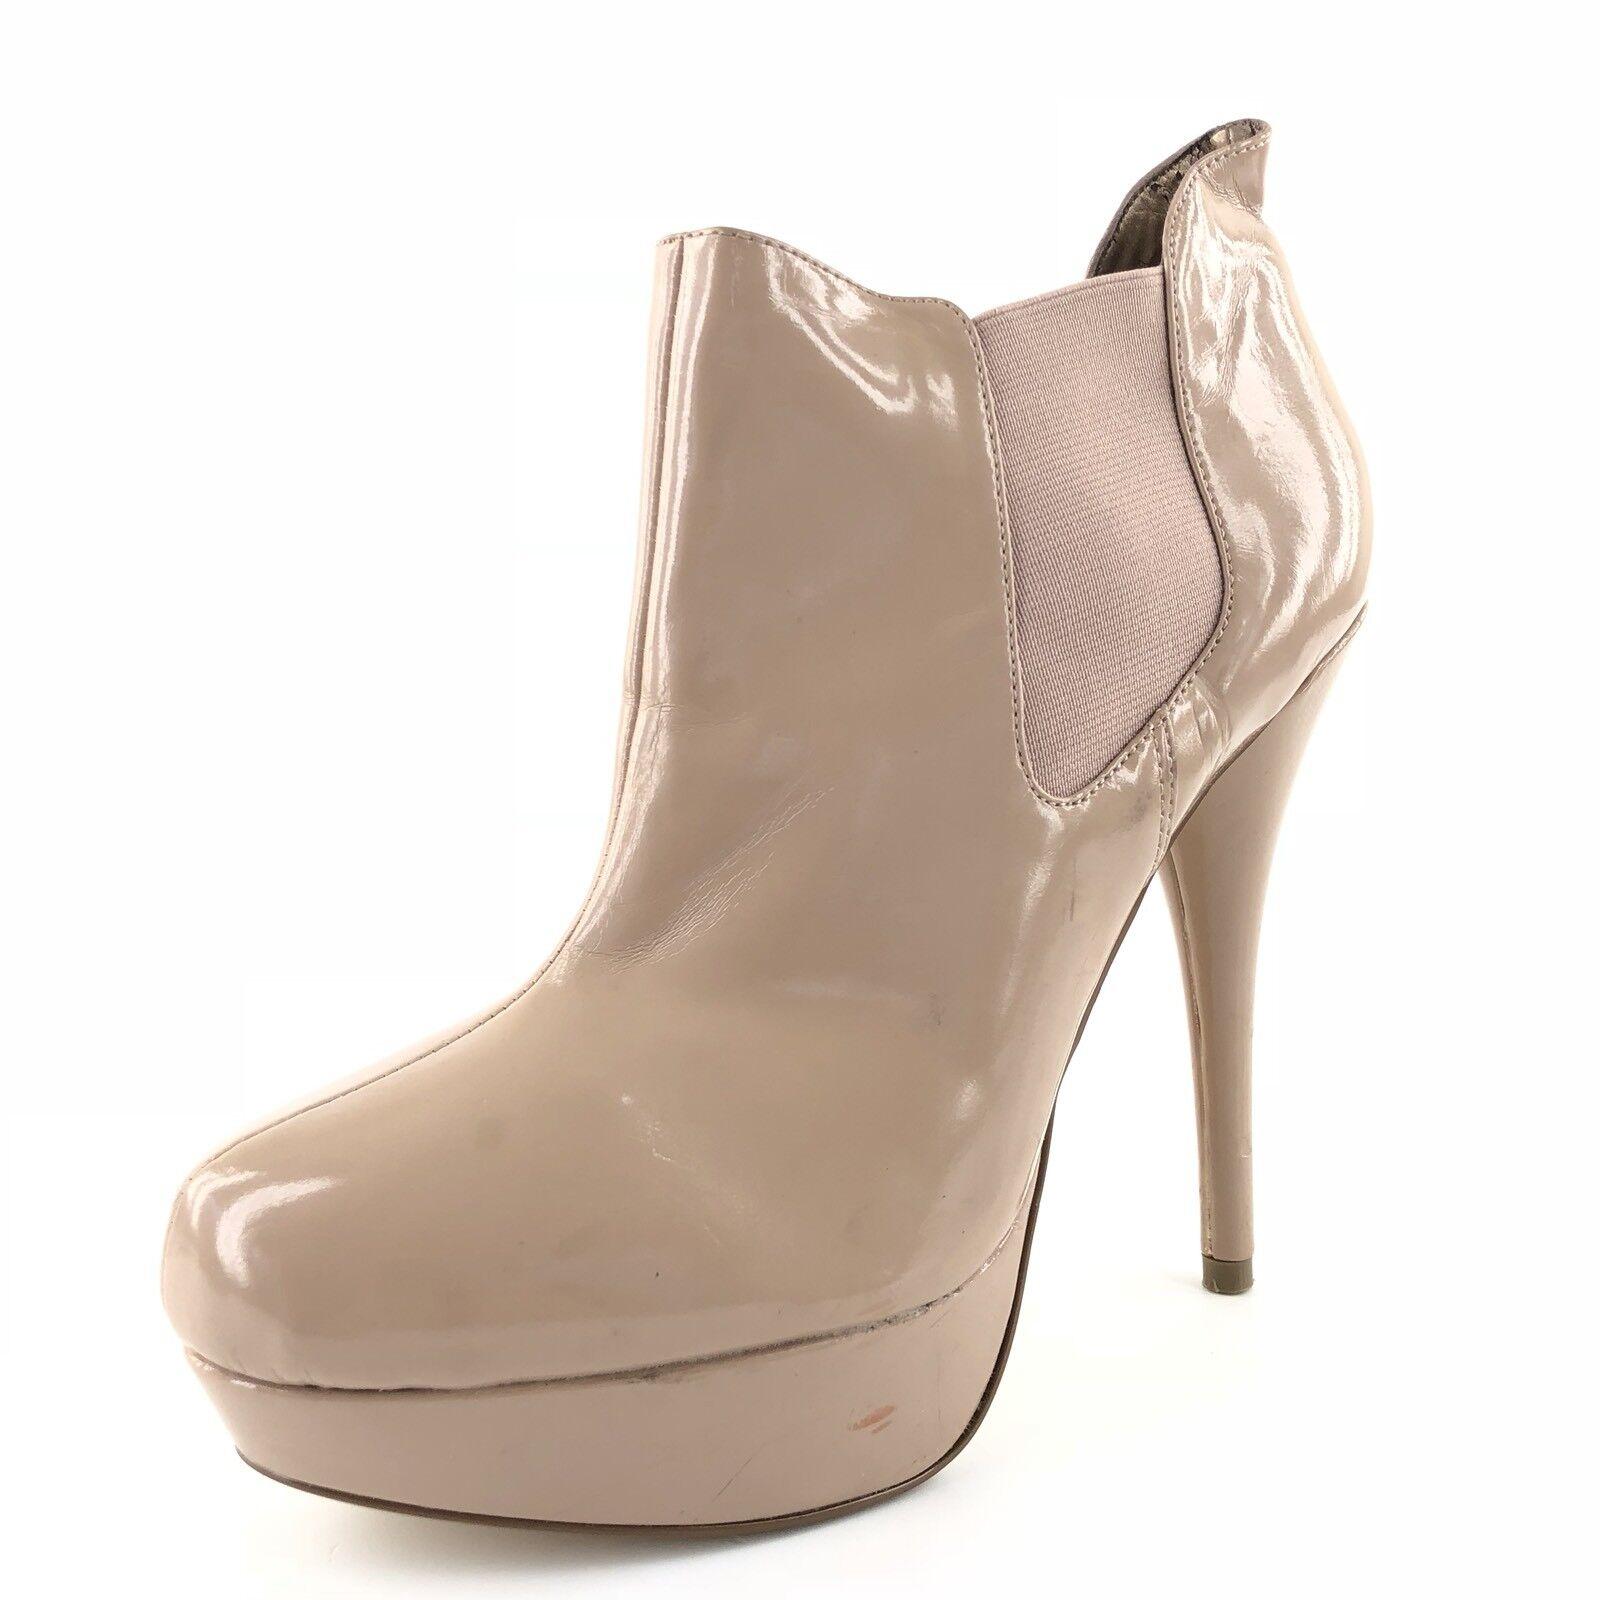 molto popolare Steve Madden Raven Nude Patent Leather Leather Leather Stiletto Ankle stivali Donna  Dimensione 9.5 M  sconto online